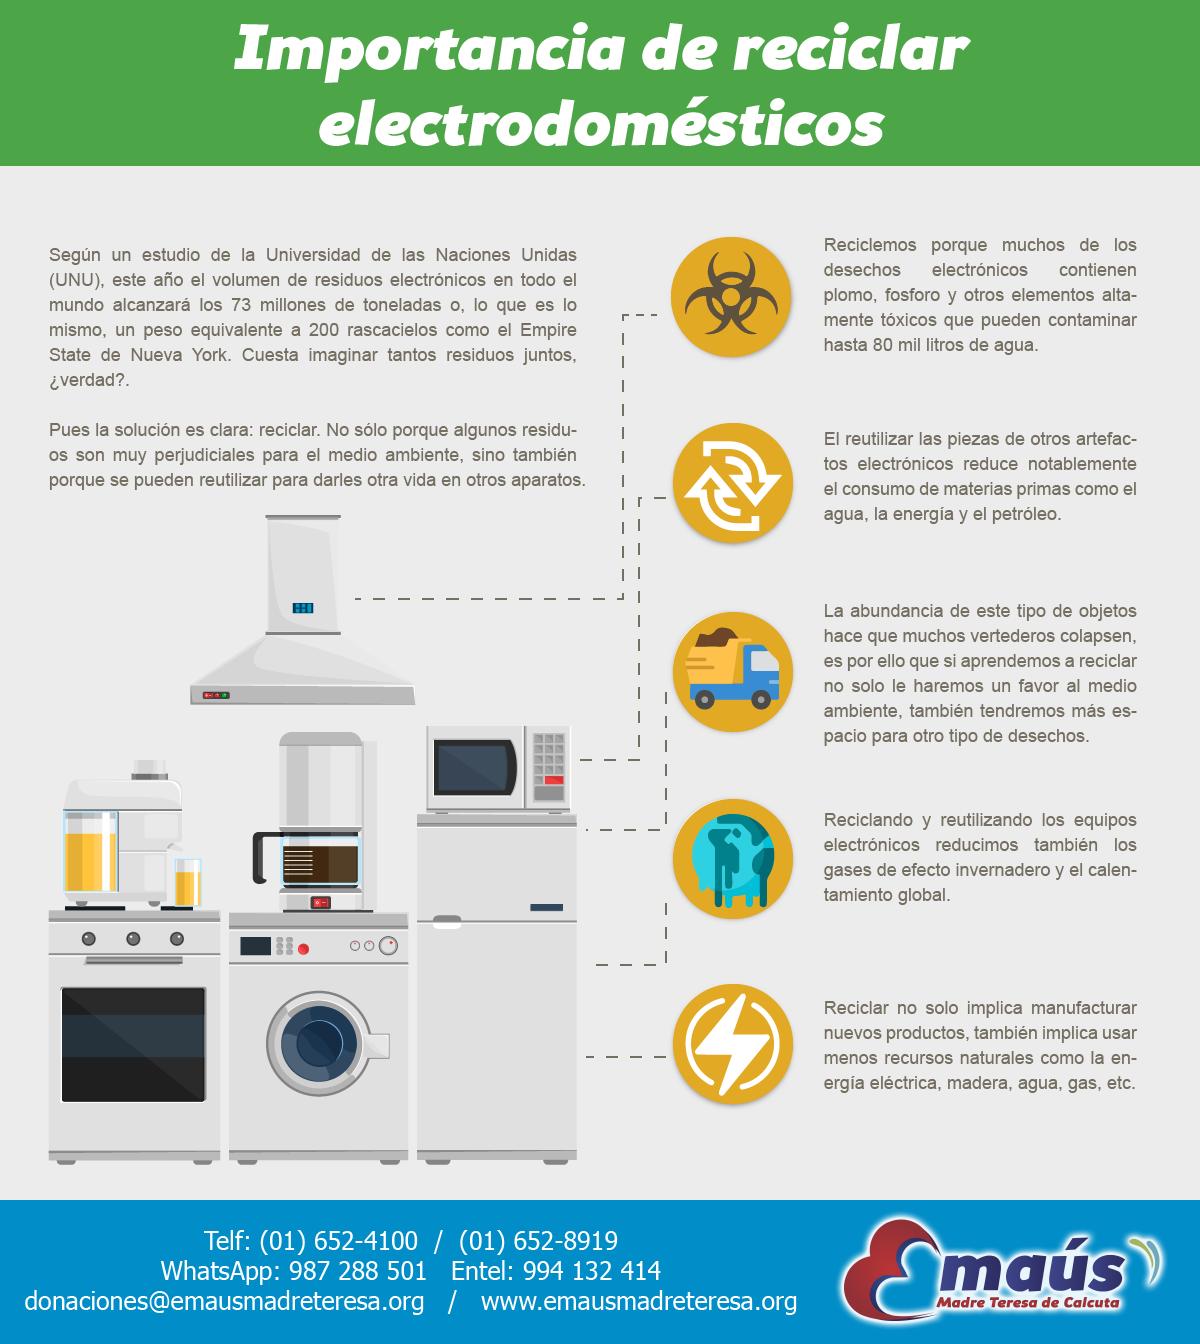 Importancia De Reciclar Electrodomesticos Electrodomesticos Reciclar Cuidado Del Medio Ambiente